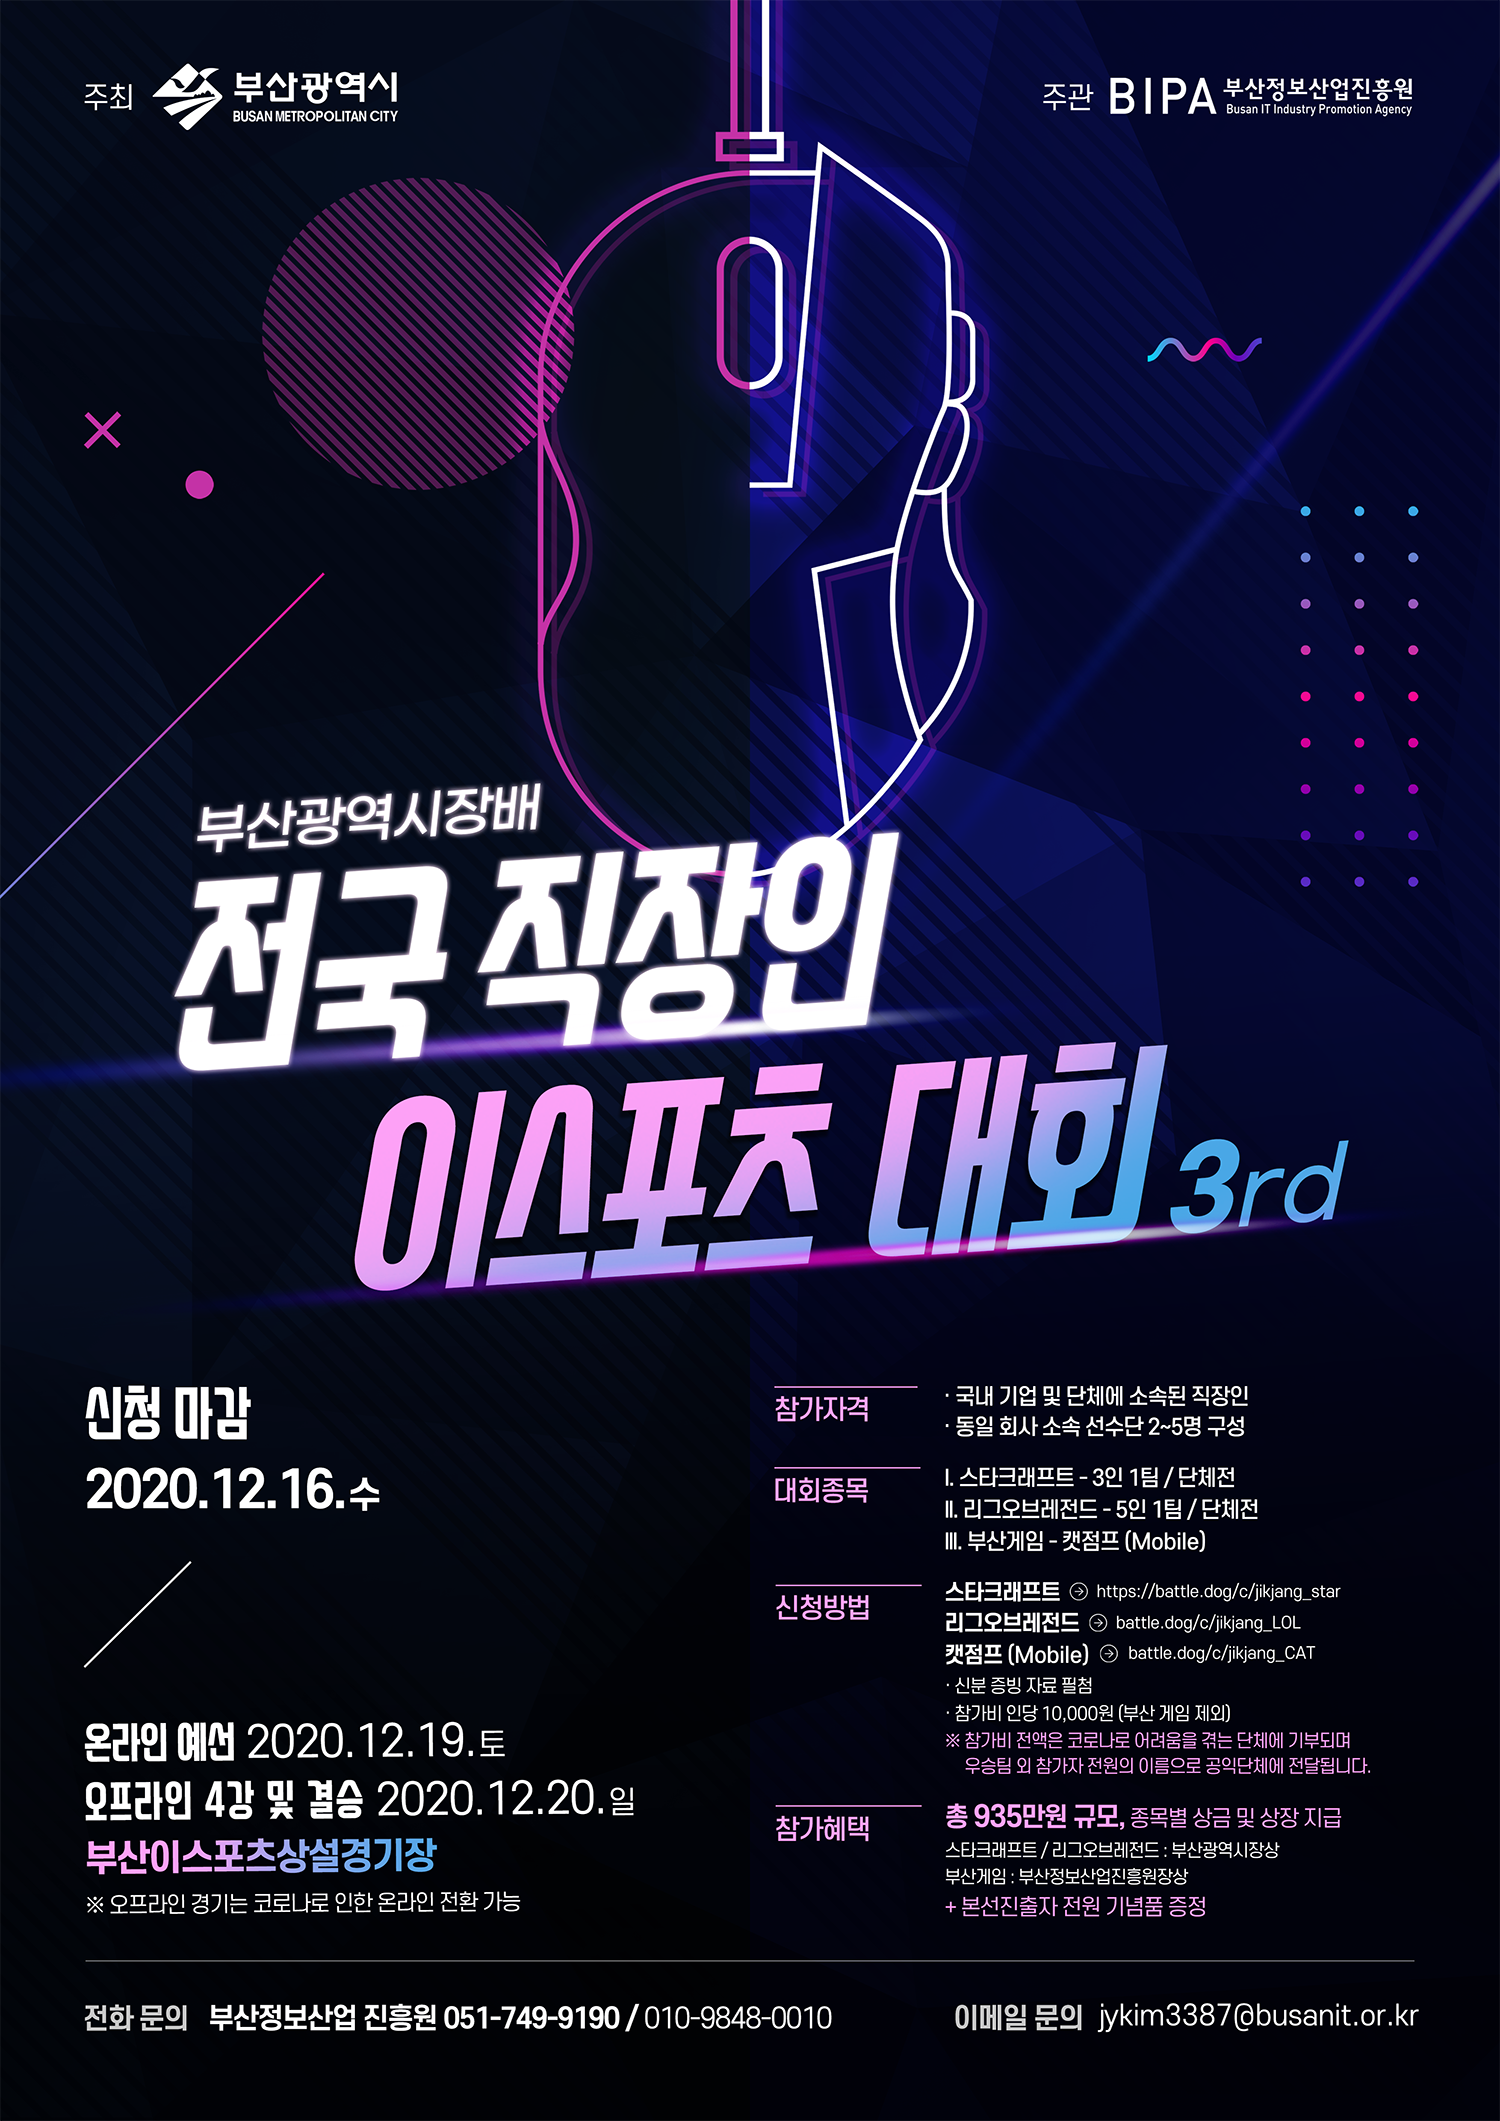 제3회 부산광역시장배 전국 직장인 e스포츠 대회 참가자 모집